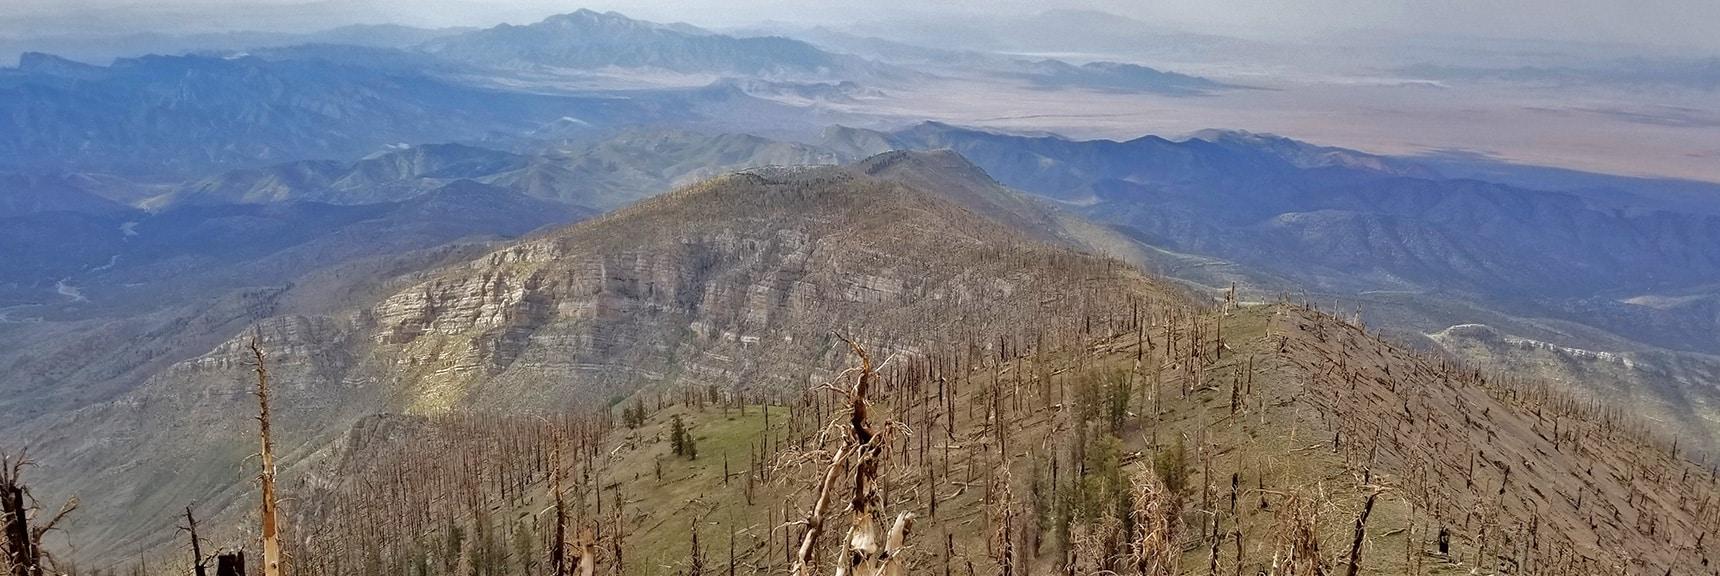 View Down Sexton Ridge All the Way to Potosi Mountain | Sexton Ridge Descent from Griffith Peak, Mt. Charleston Wilderness, Spring Mountains, Nevada